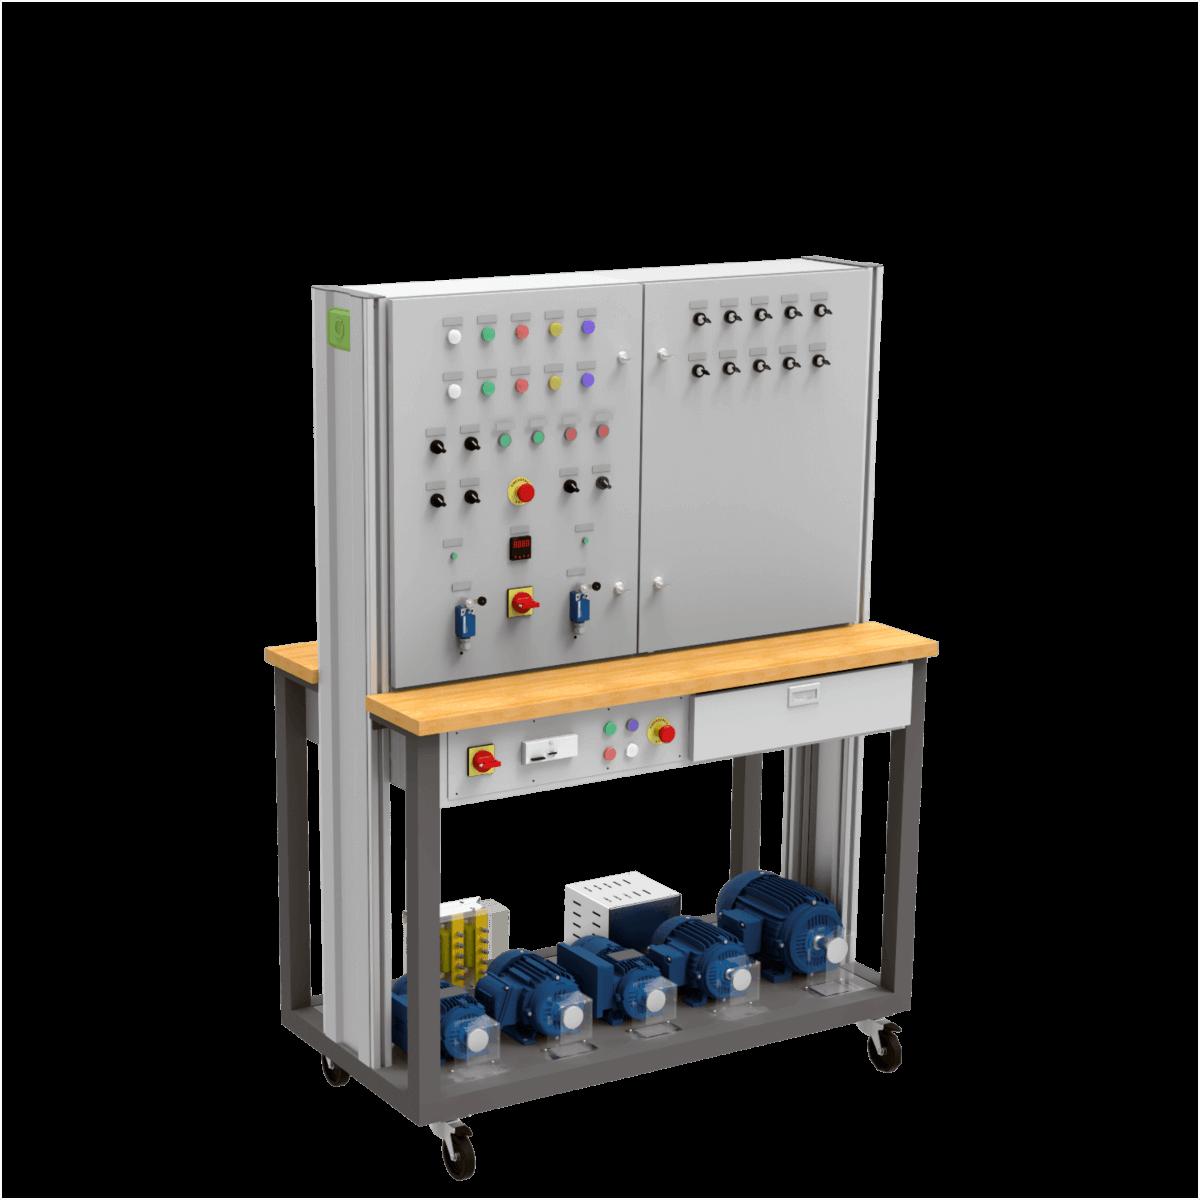 lab-eletricidade-industrial-bancada-didatica-diagnostico-de-quadro-de-comando_1-auttom-8